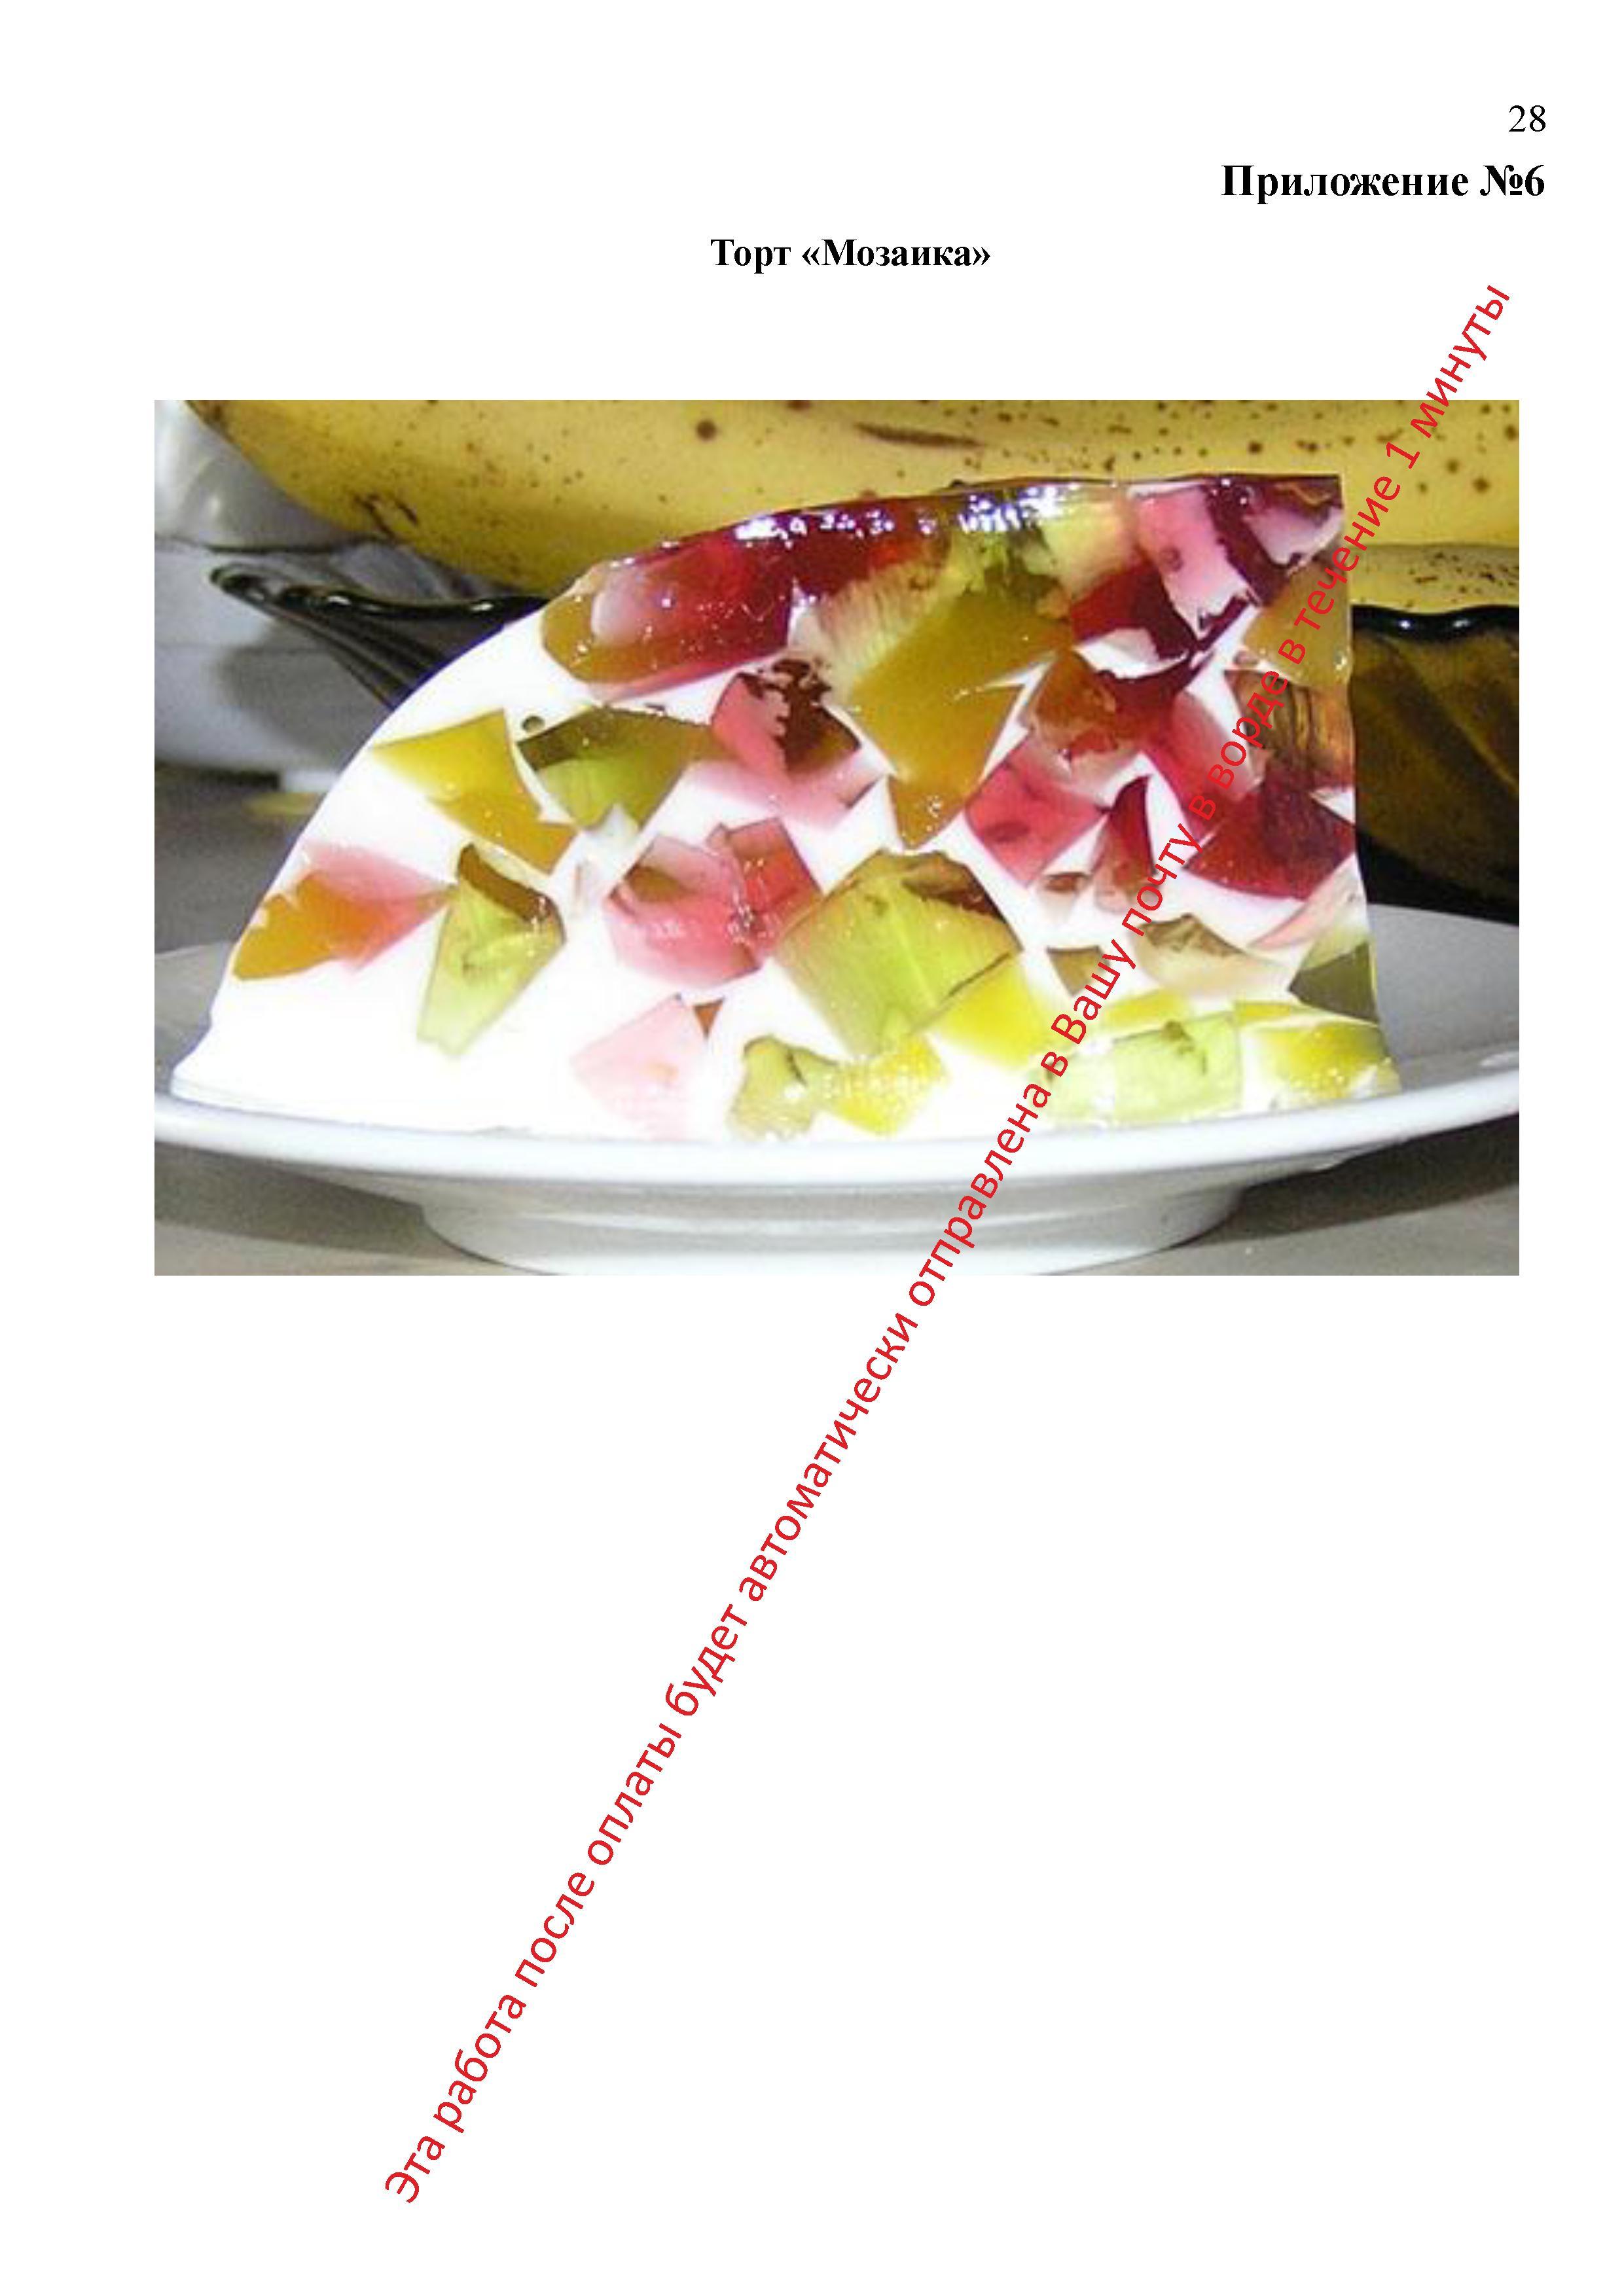 Дипломная работа кулинар кондитер желированные блюда и кондитерское изделие торт